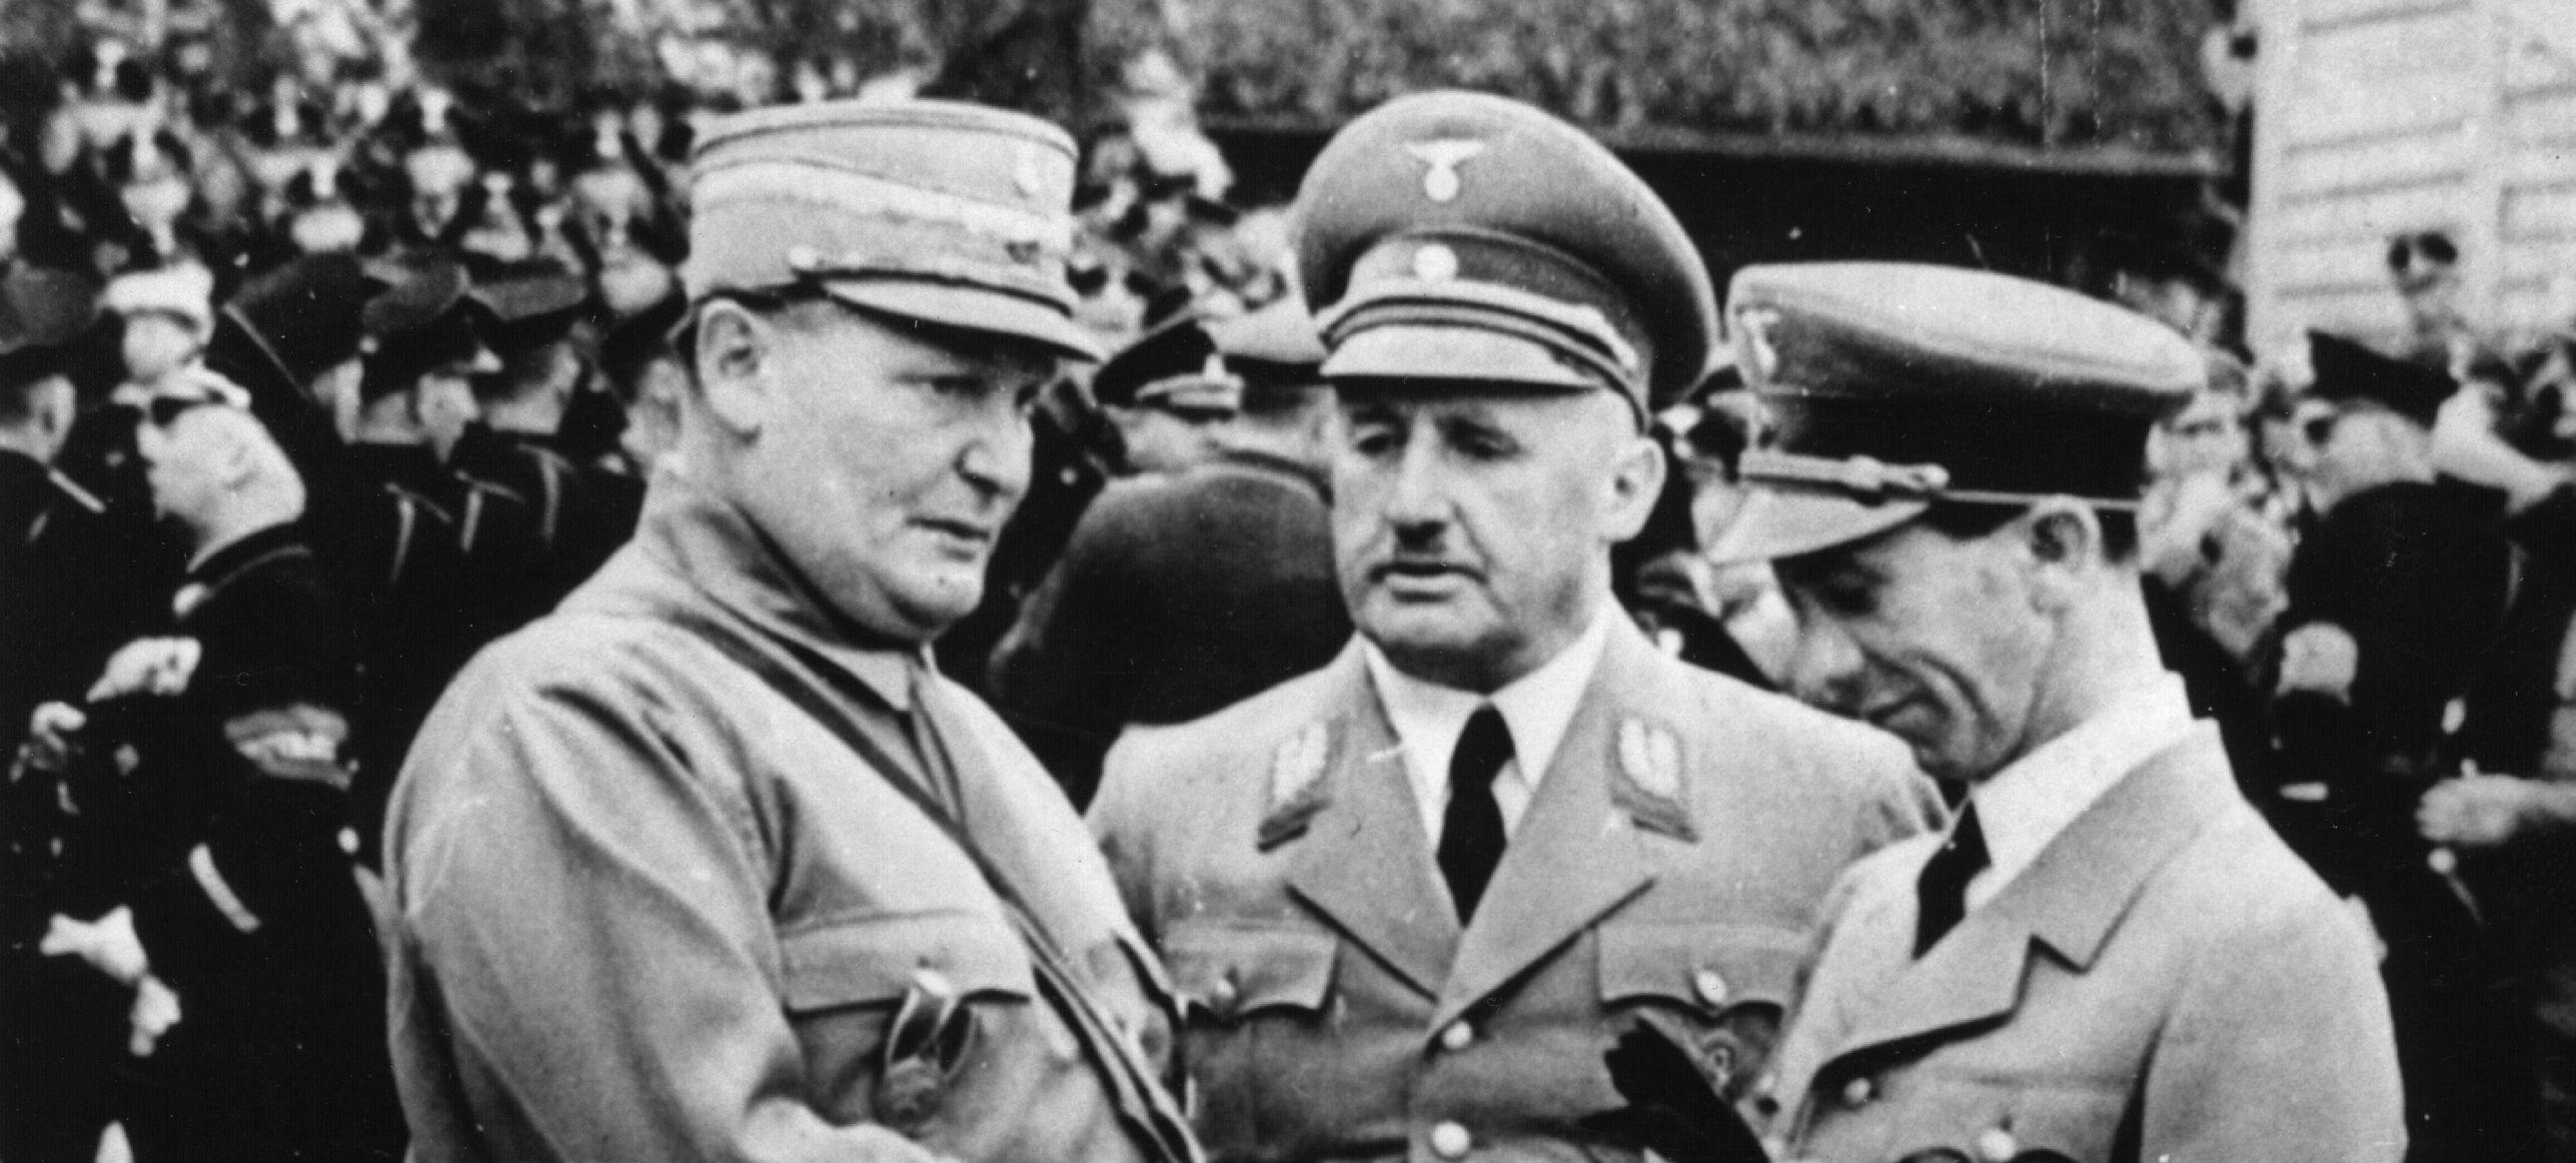 фото 2 Штреи?хер (в центре) вместе с Герингом и Геббельсом.jpg